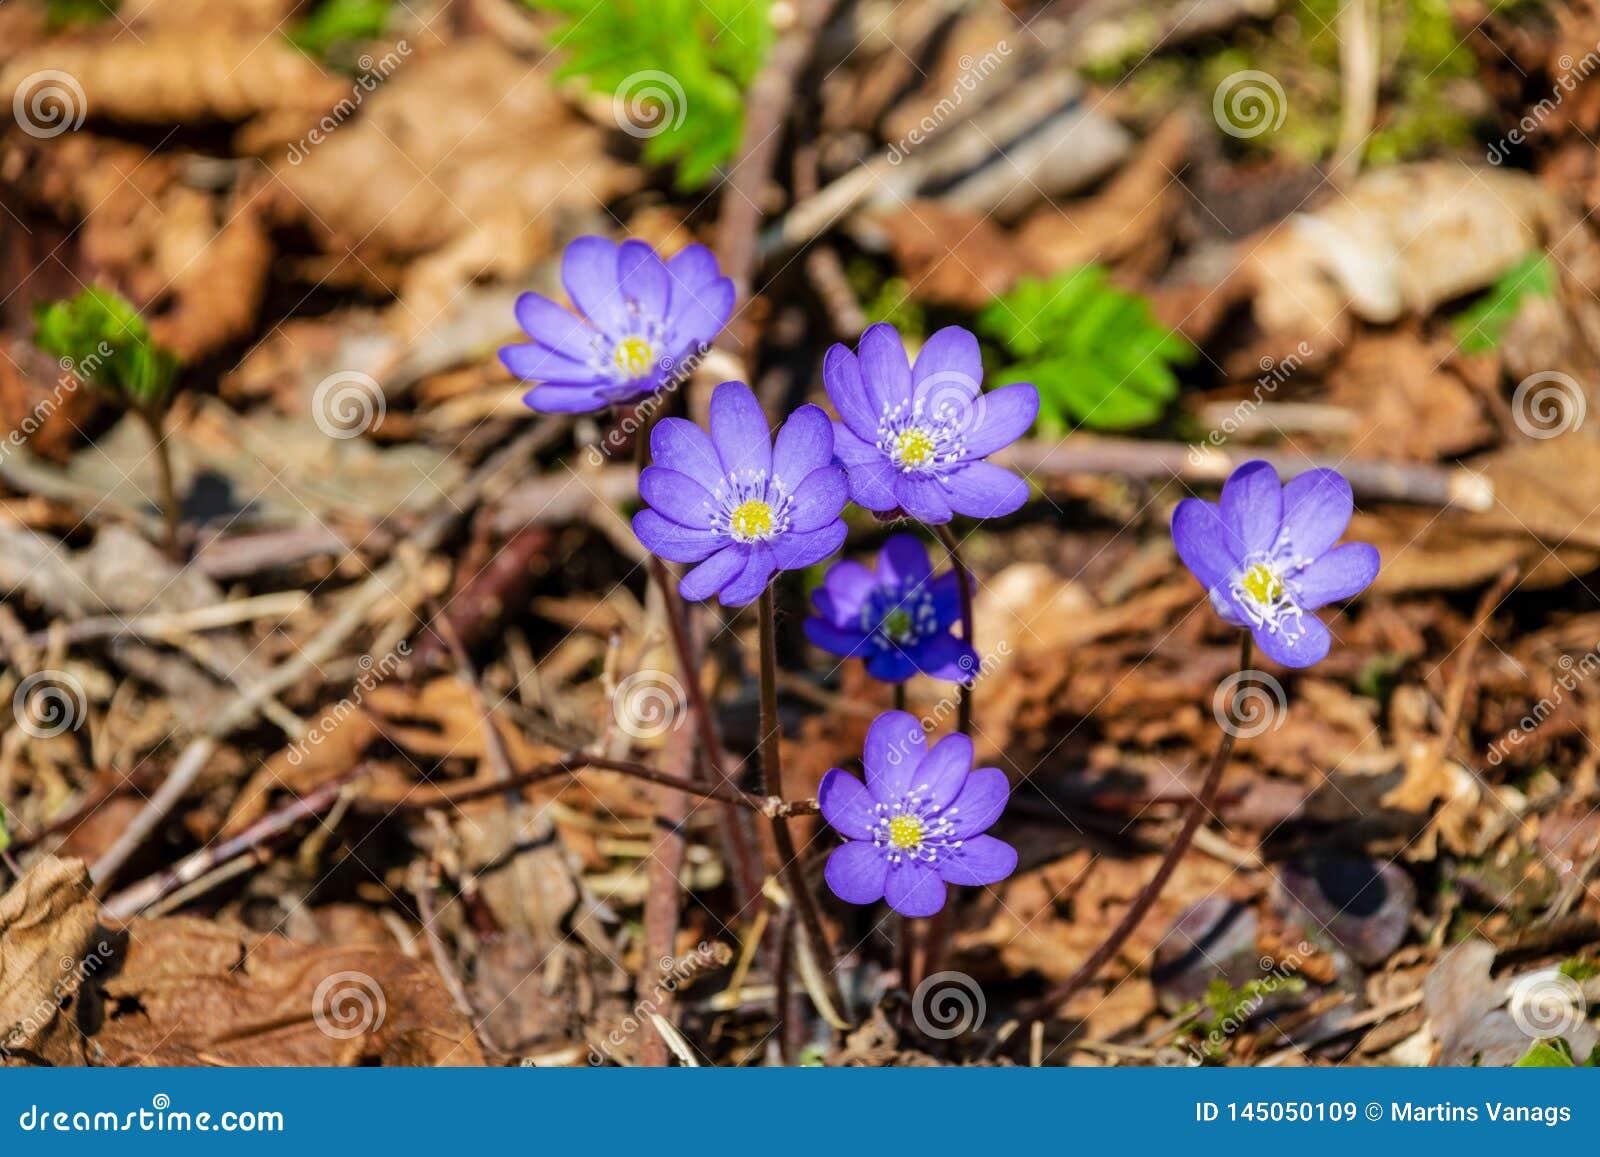 Primi fiori blu che fioriscono nella foresta di primavera